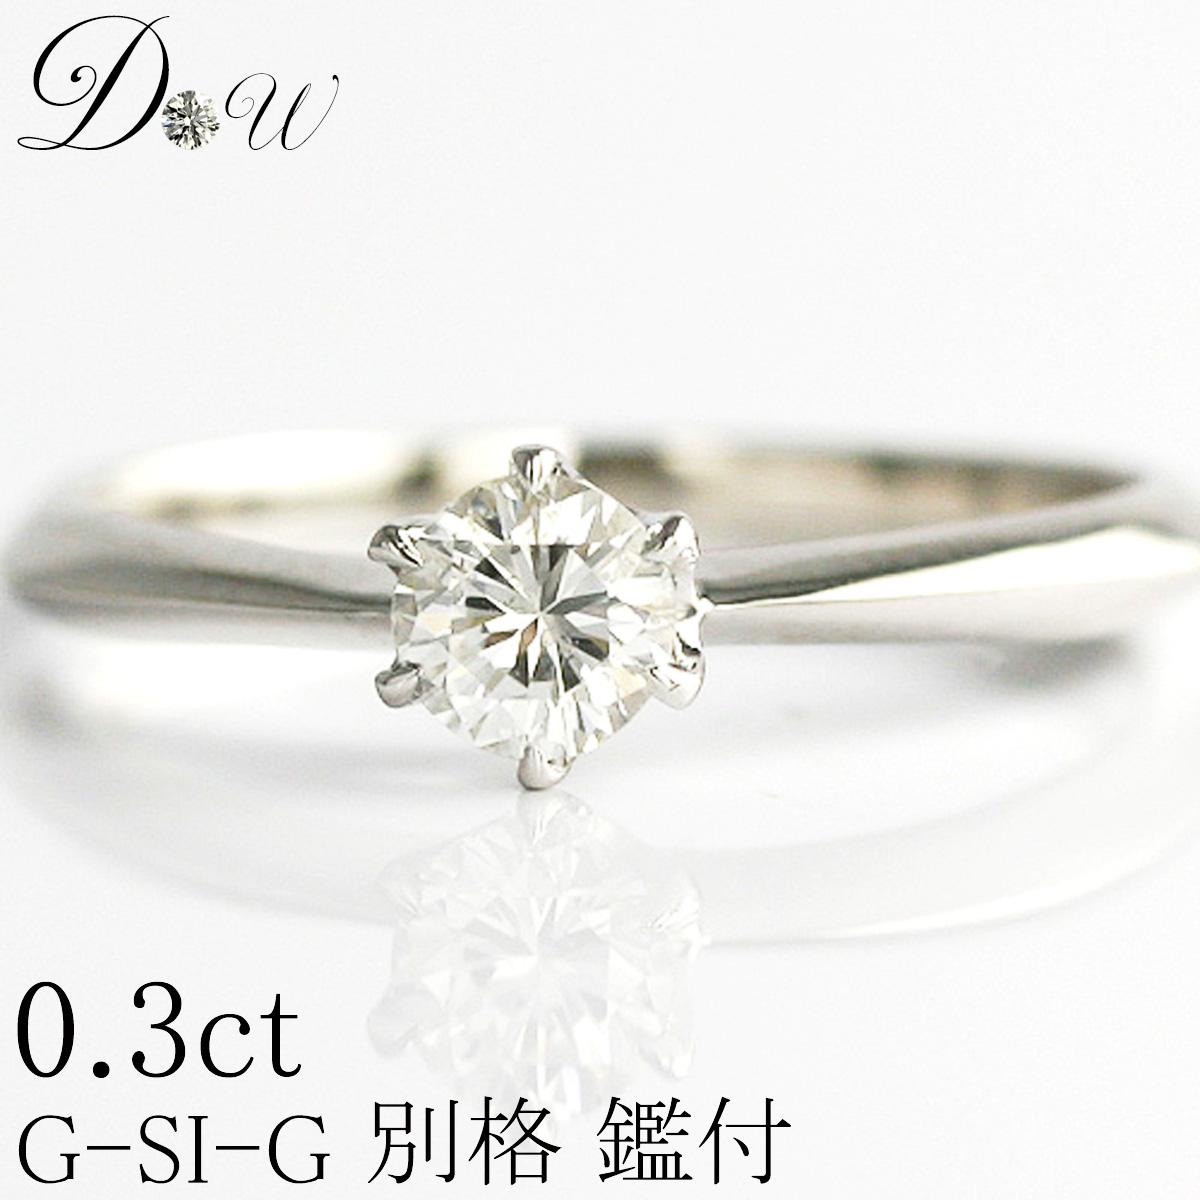 【別格のダイヤリング】 PT900 天然ダイヤモンド リング 0.3ct 【婚約指輪 エンゲージリング】【無色透明 Gカラー 贅沢SI2クラス 輝く Goodカット】【GEM GRADING SYSTEM JAPAN ソーティング (鑑定書の元)付】 ダイヤモンド【 輝き厳選保証 】